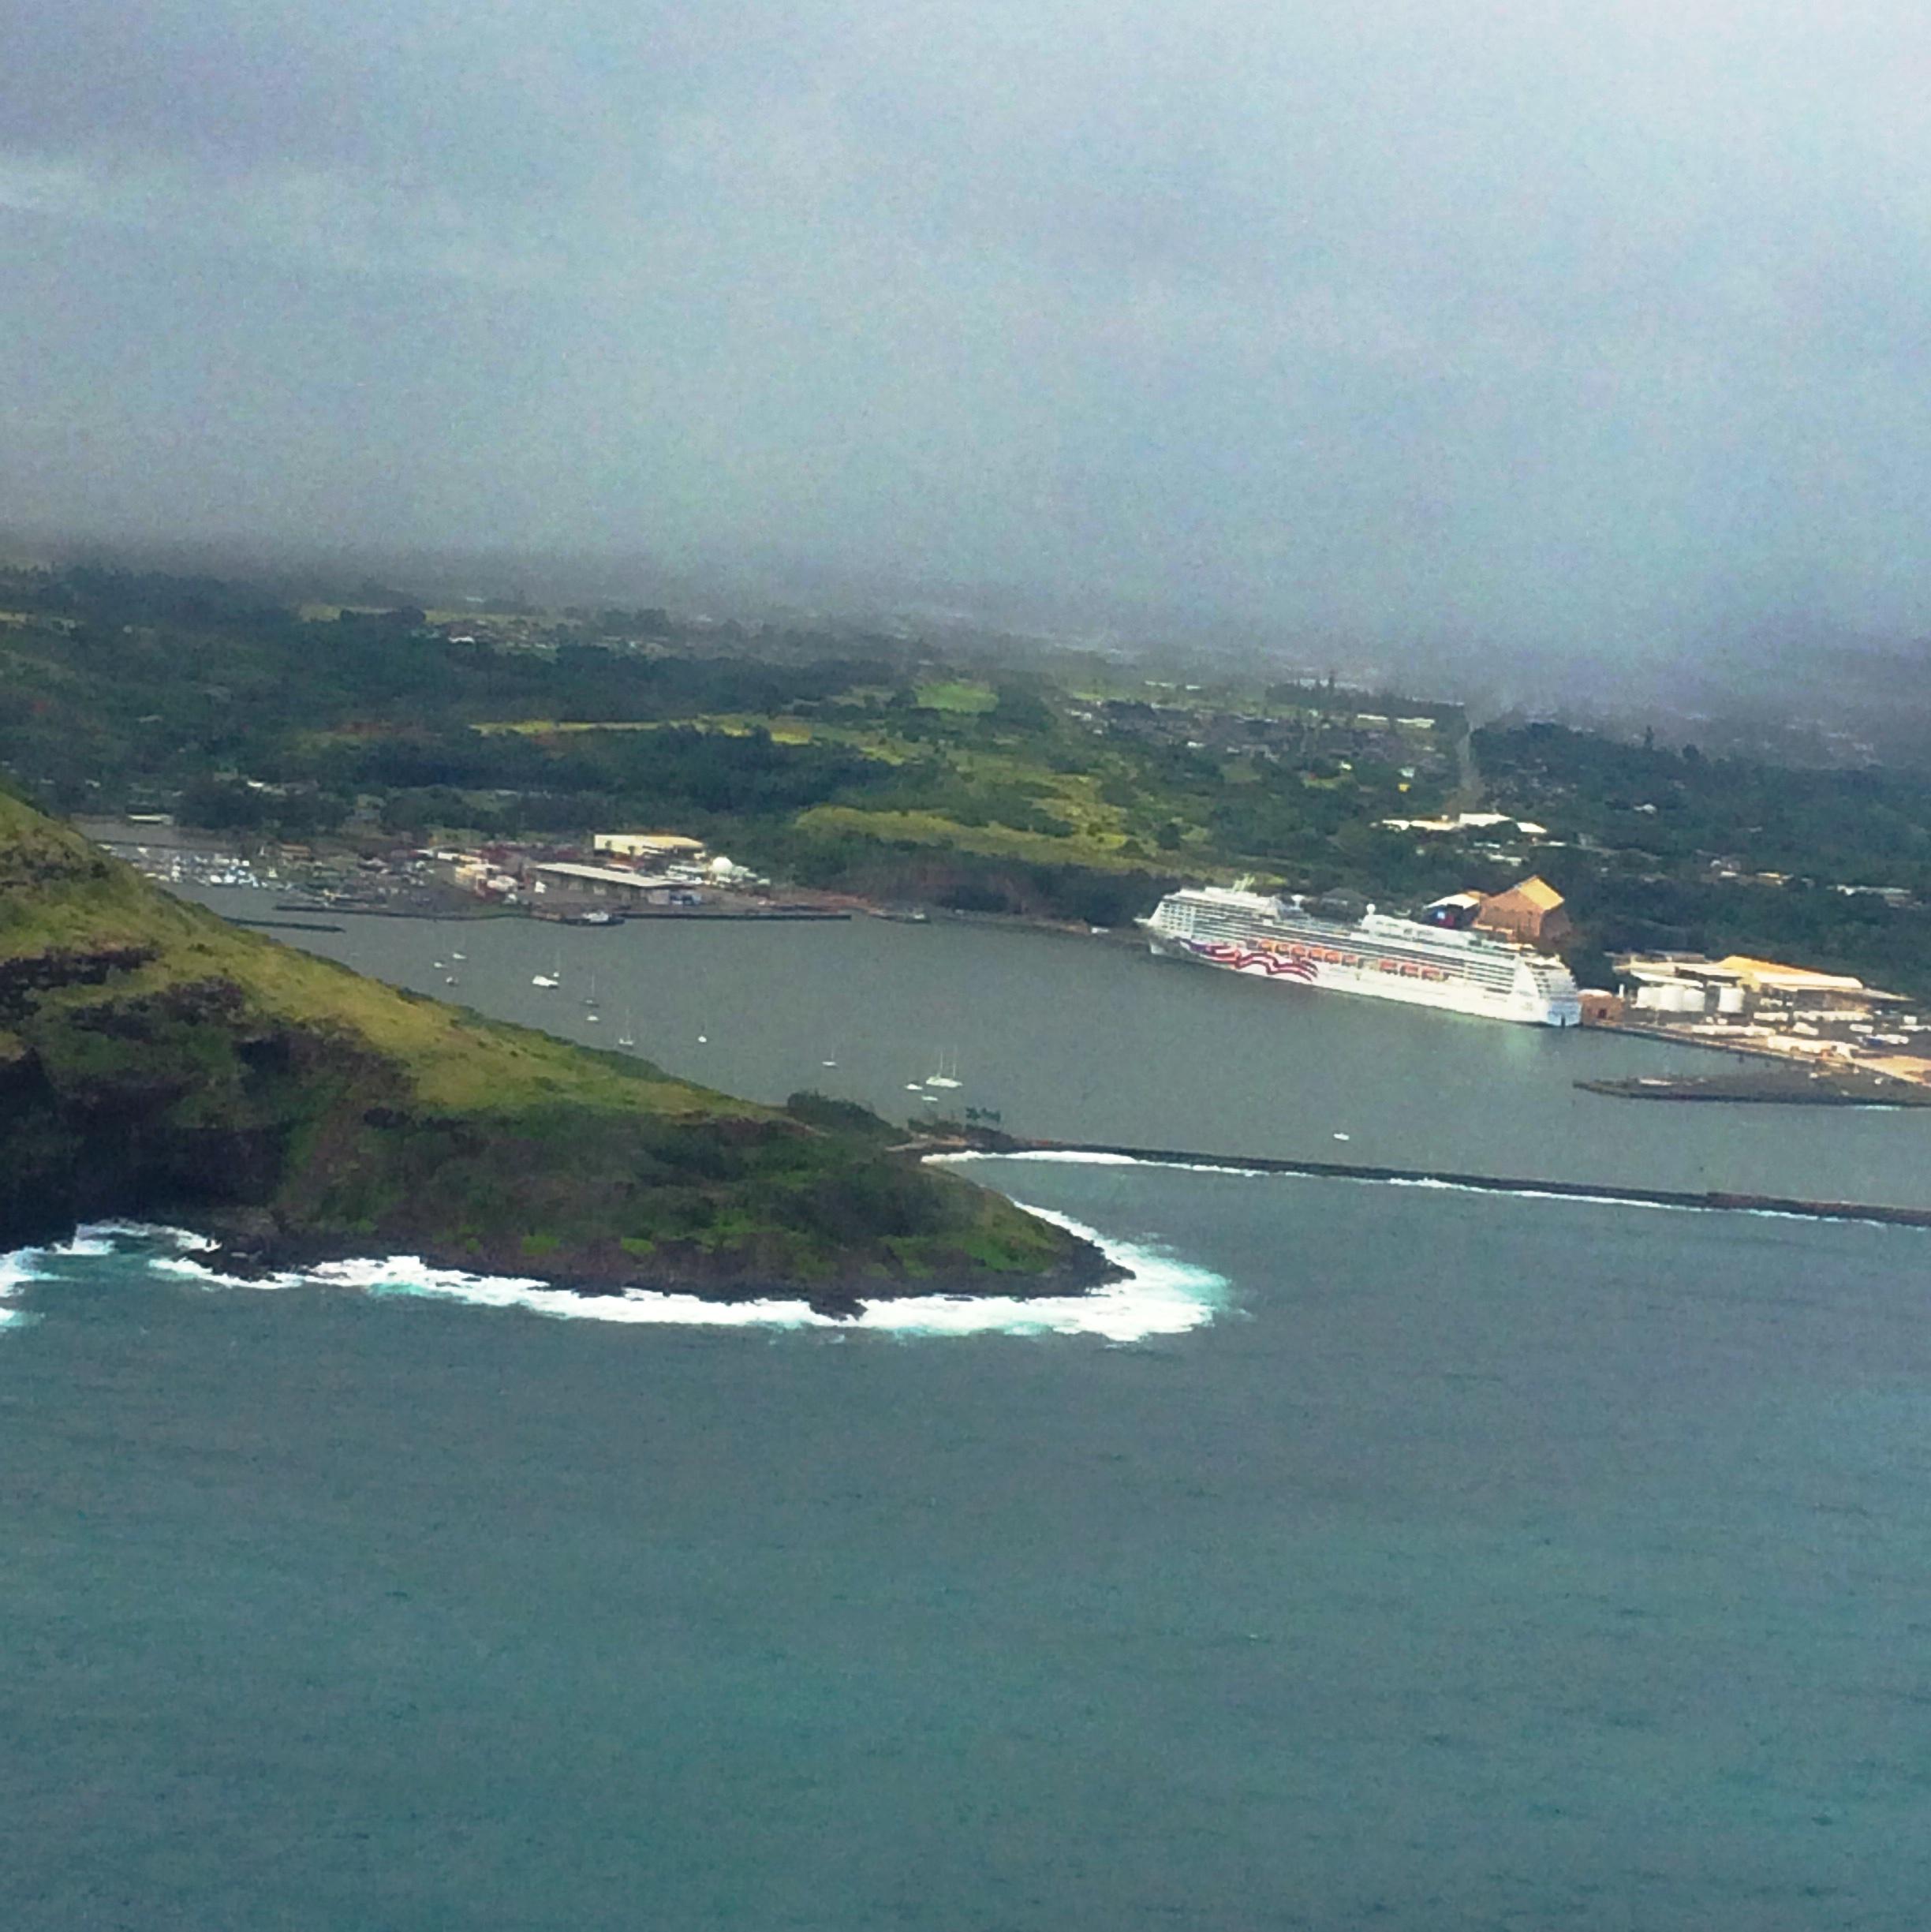 Nawiliwili Harbor, Kauai.